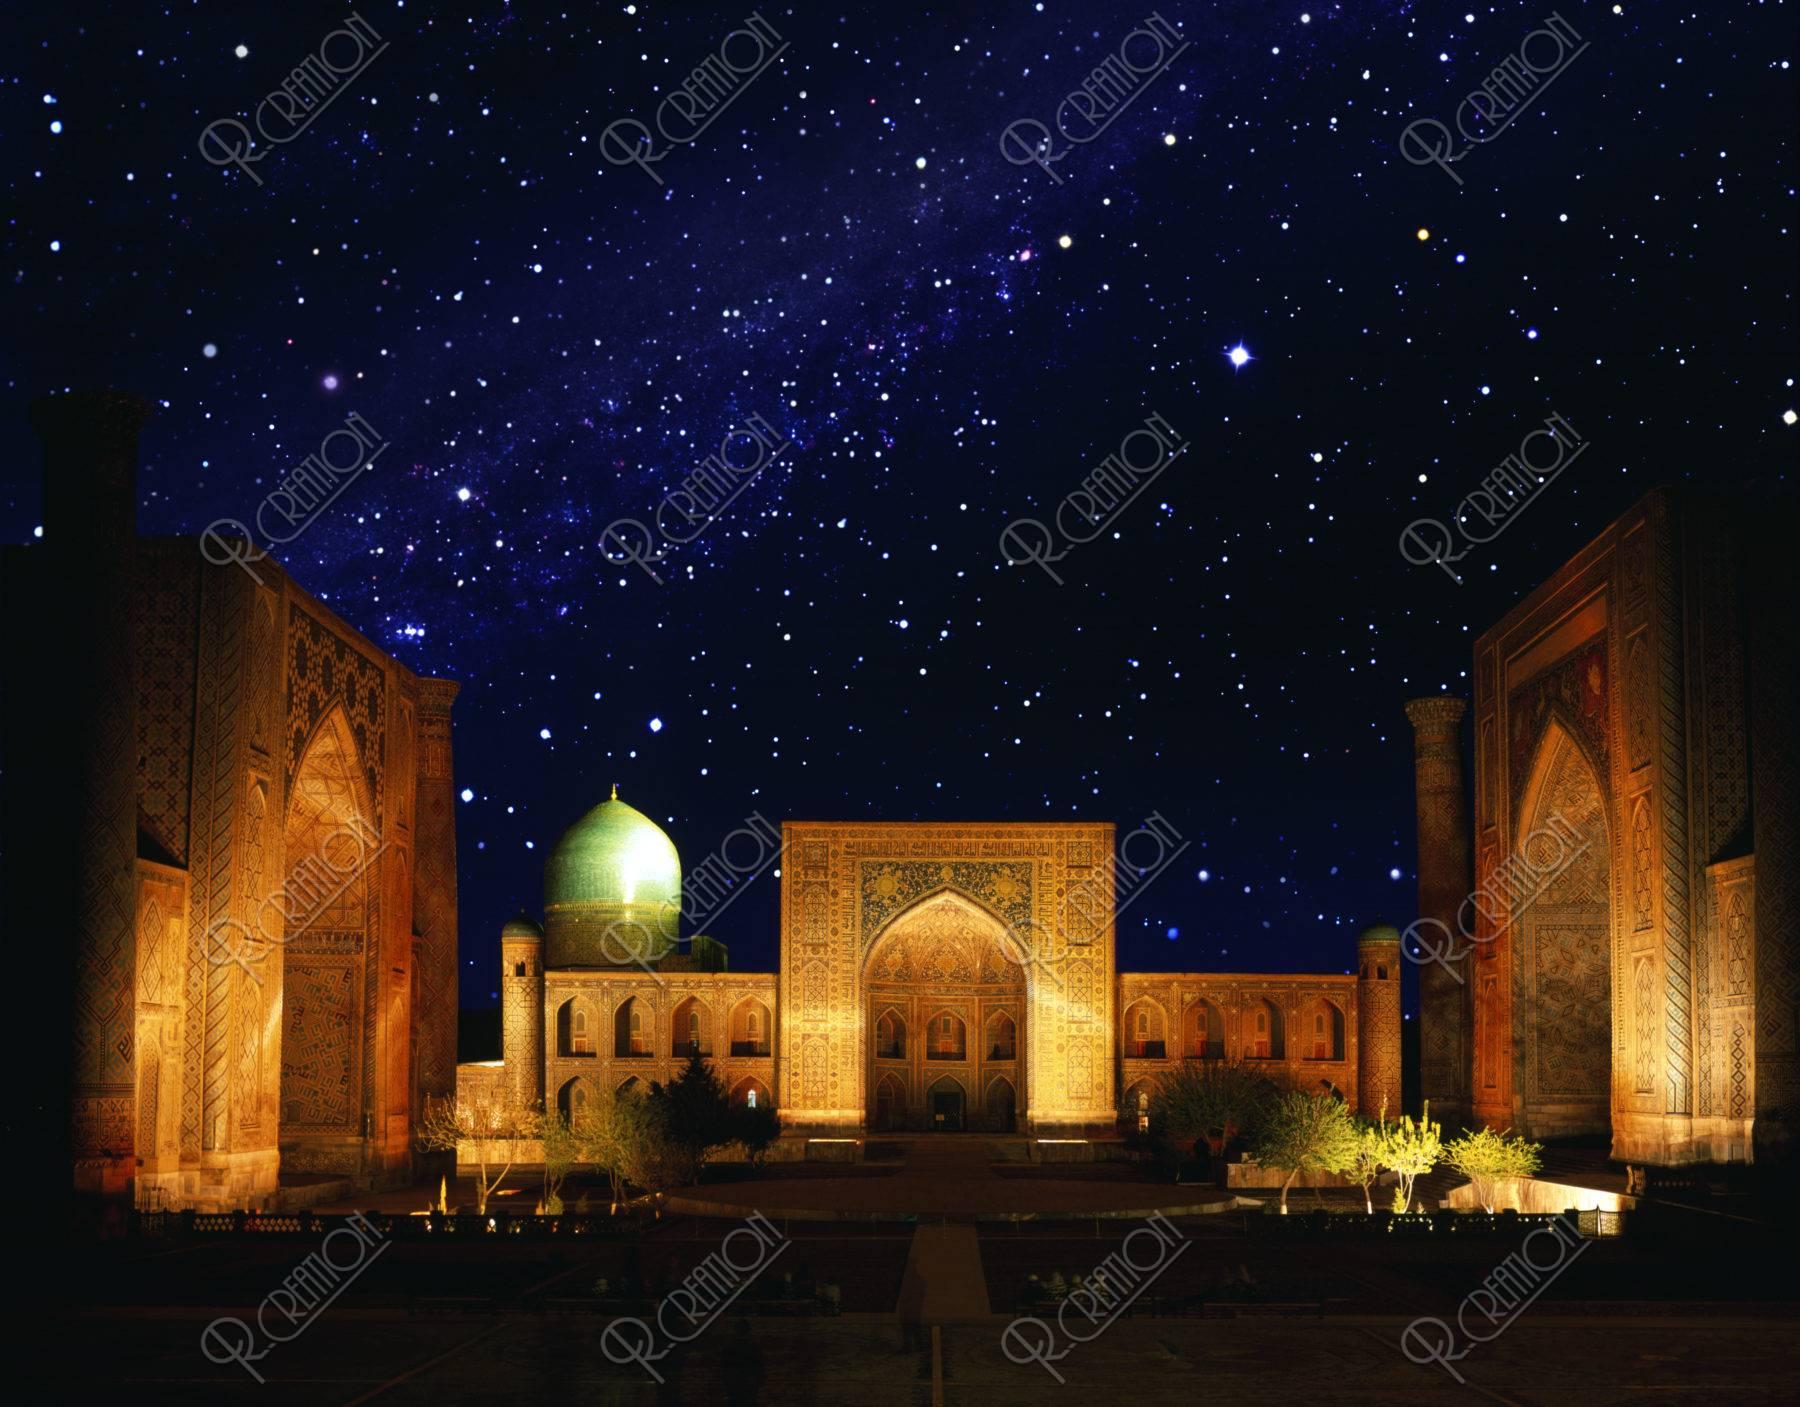 レギスタン広場 世界遺産 夜景 ライトアップ 合成